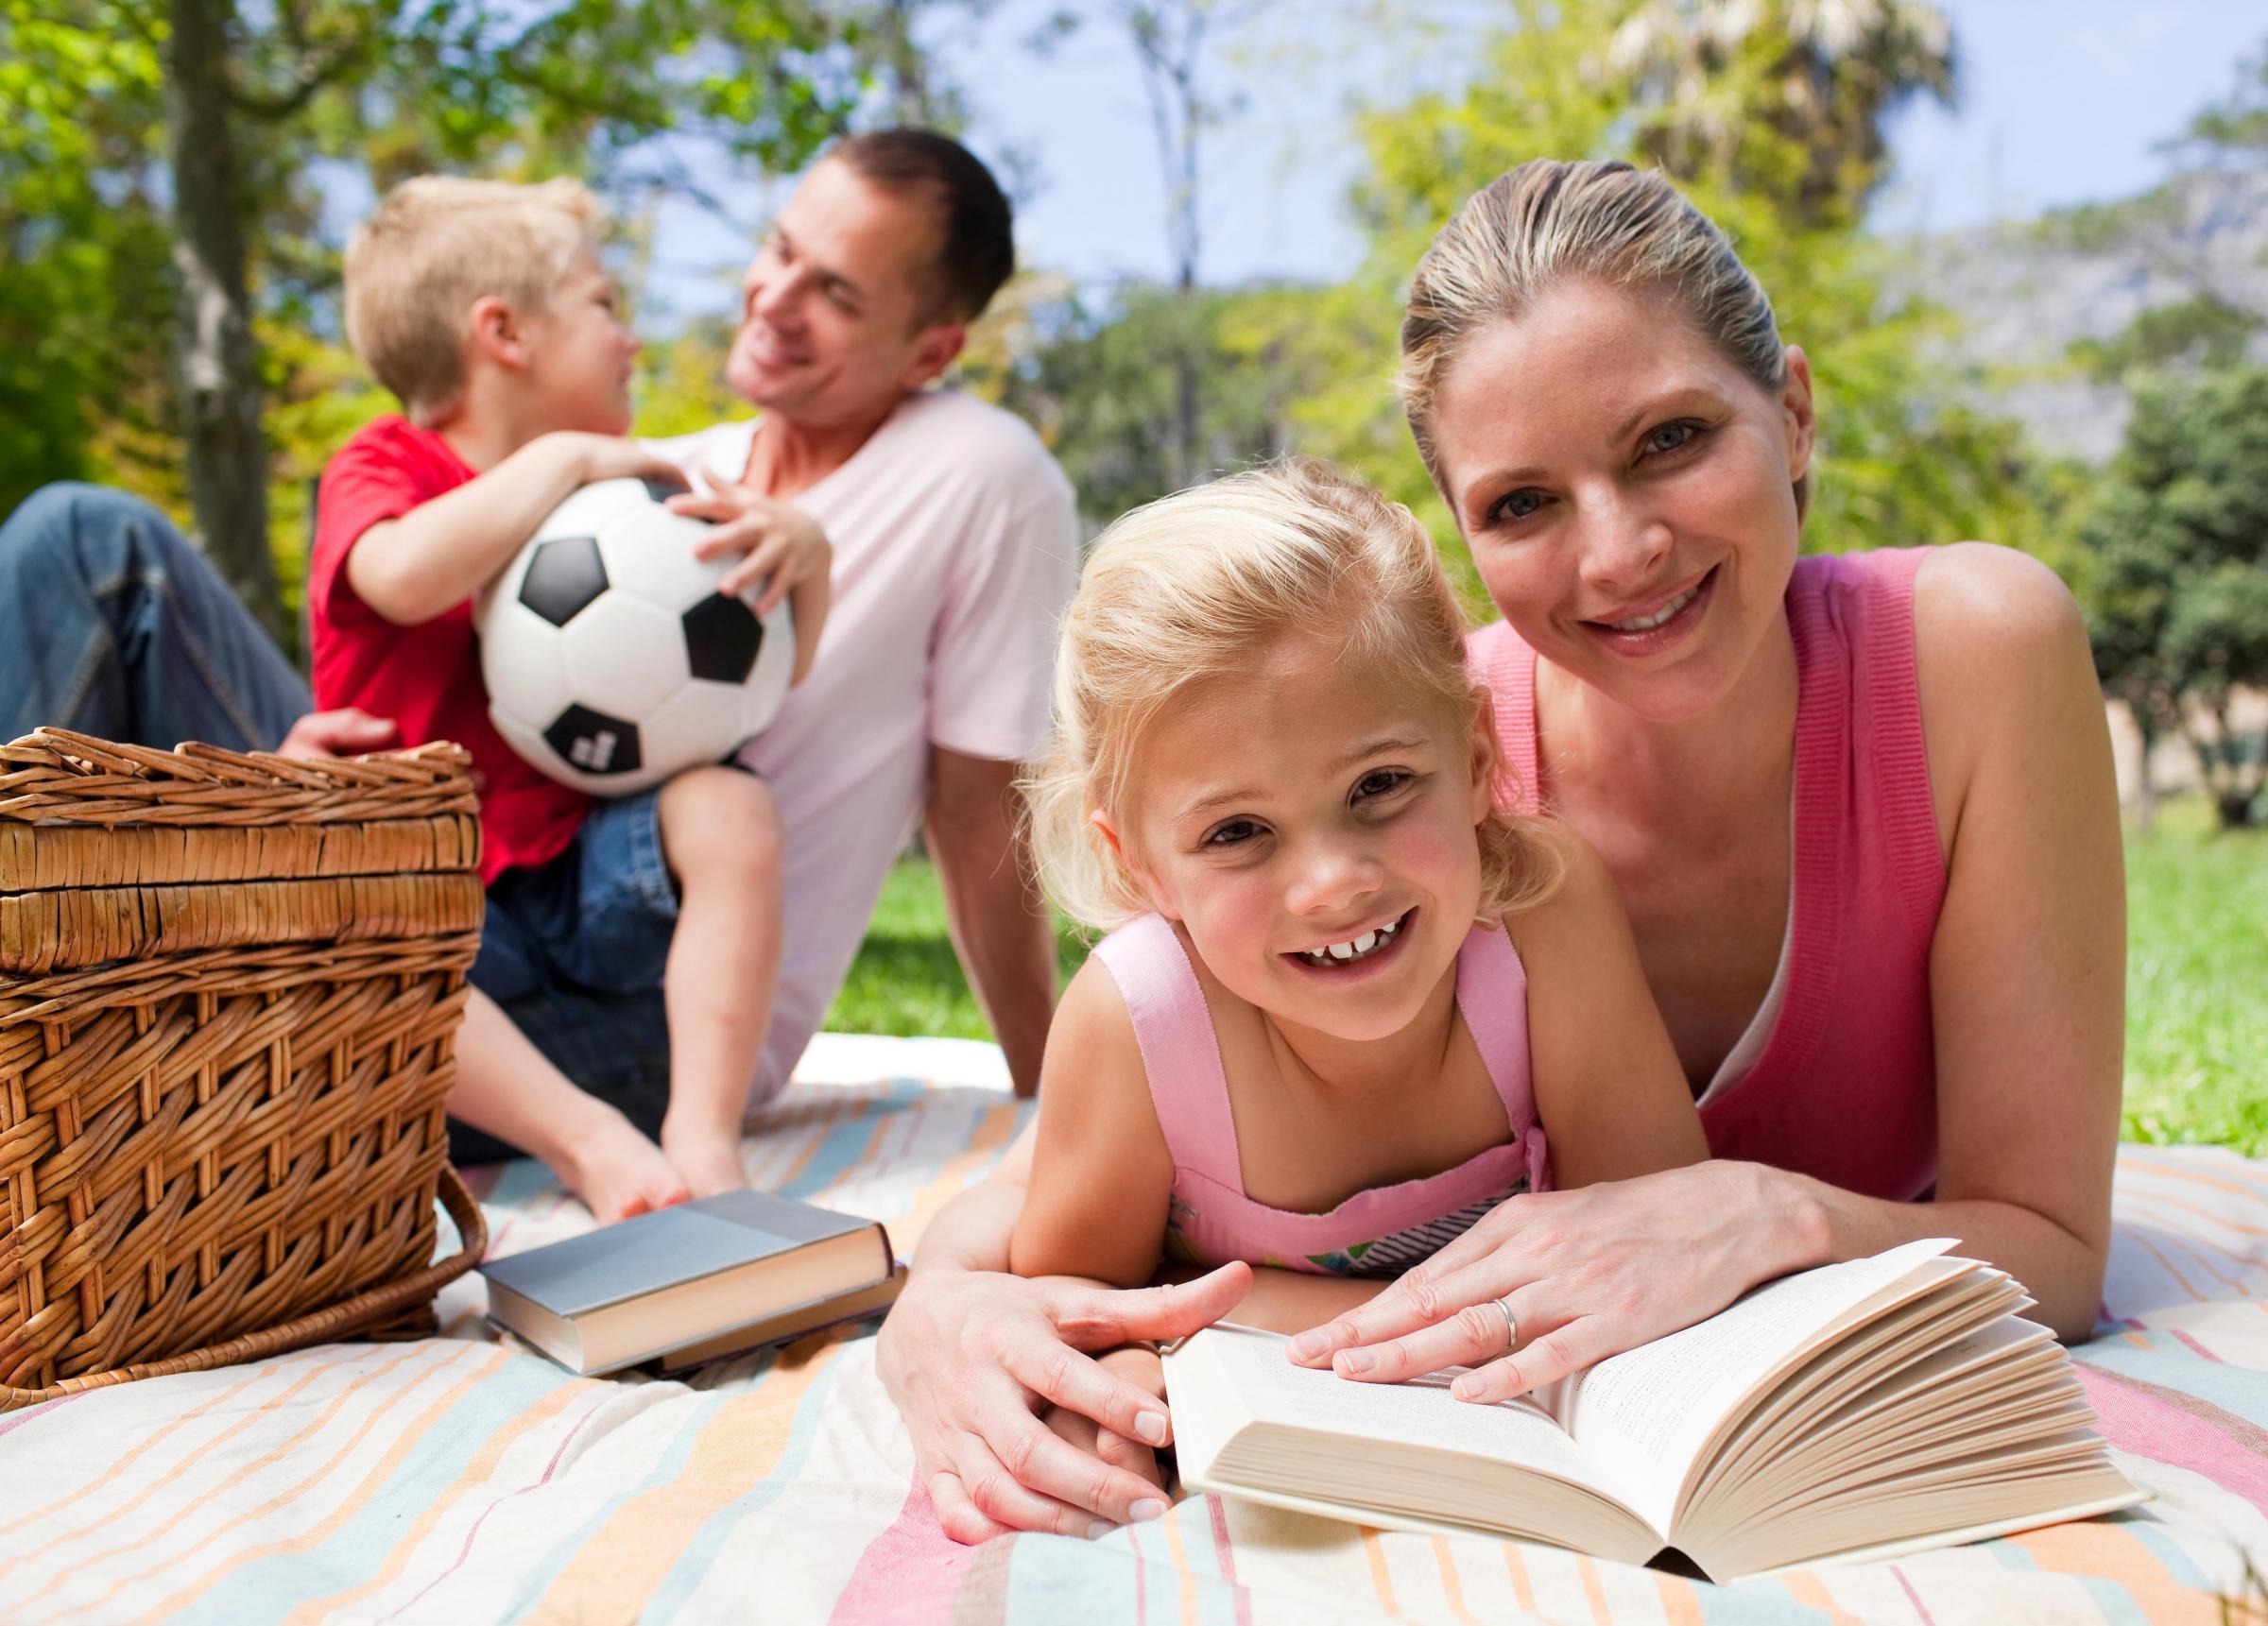 Смотреть как отец и дочка играют 7 фотография